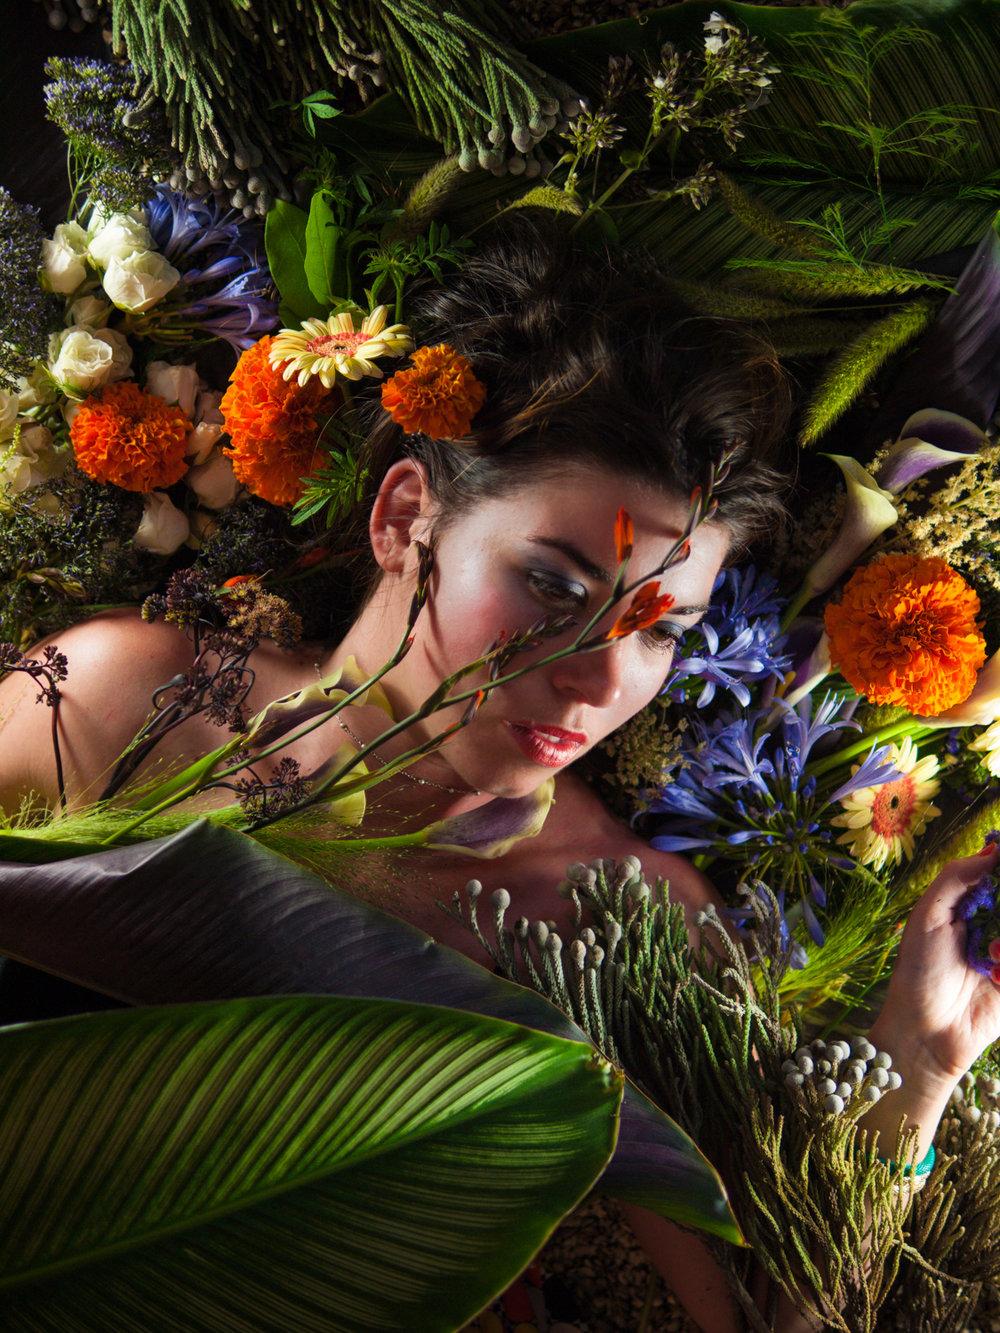 170819_Giselle_portrait-5b.jpg